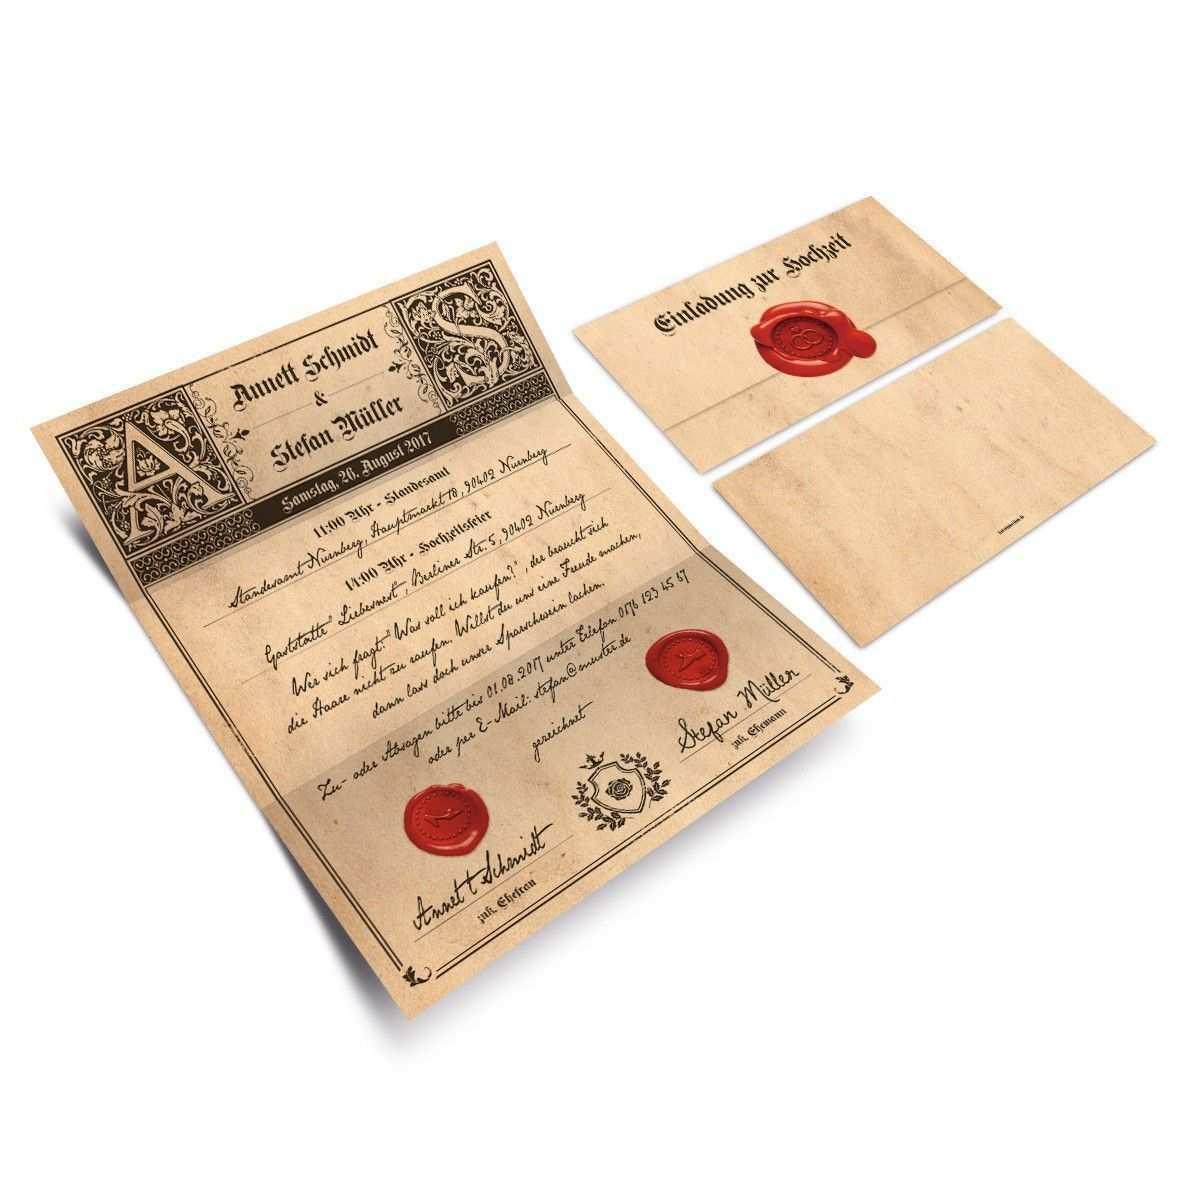 Mittelalter Hochzeitseinladung Quotes Hochzeitseinladung Mittelalter Quotes Einladung Hochzeitseinladung Einladungen Hochzeit Karte Hochzeit